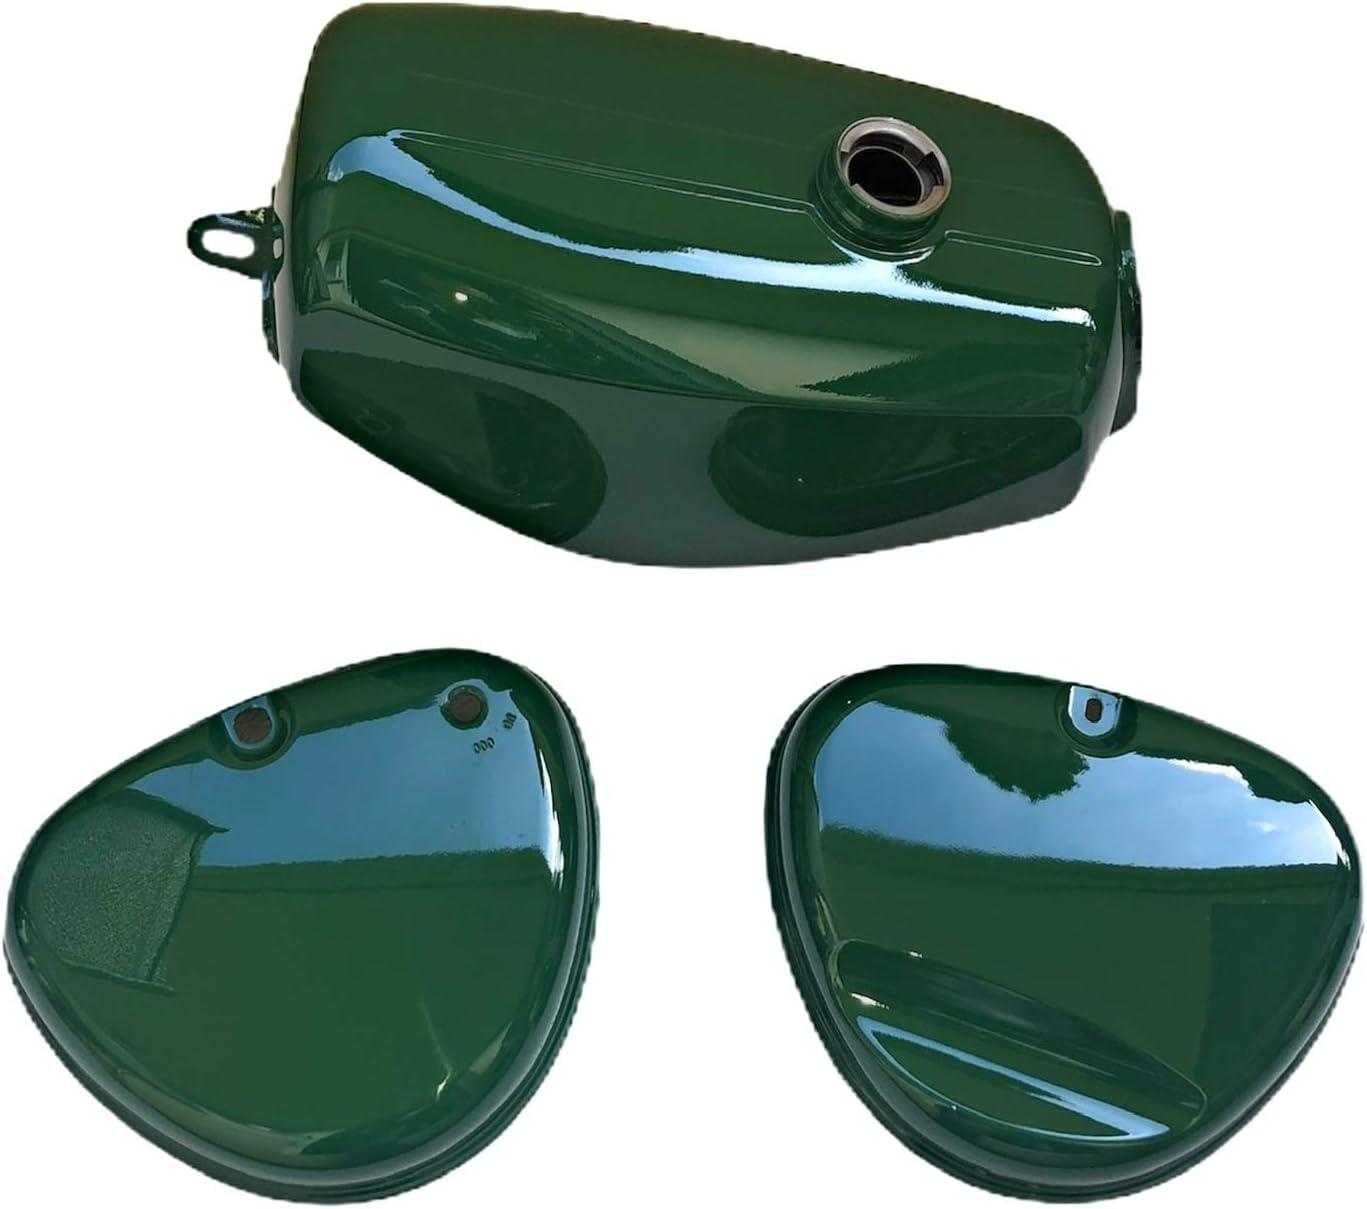 Tank Kraftstoffbehälter Seitendeckel Grün Für Simson S51 S70 Enduro Auto